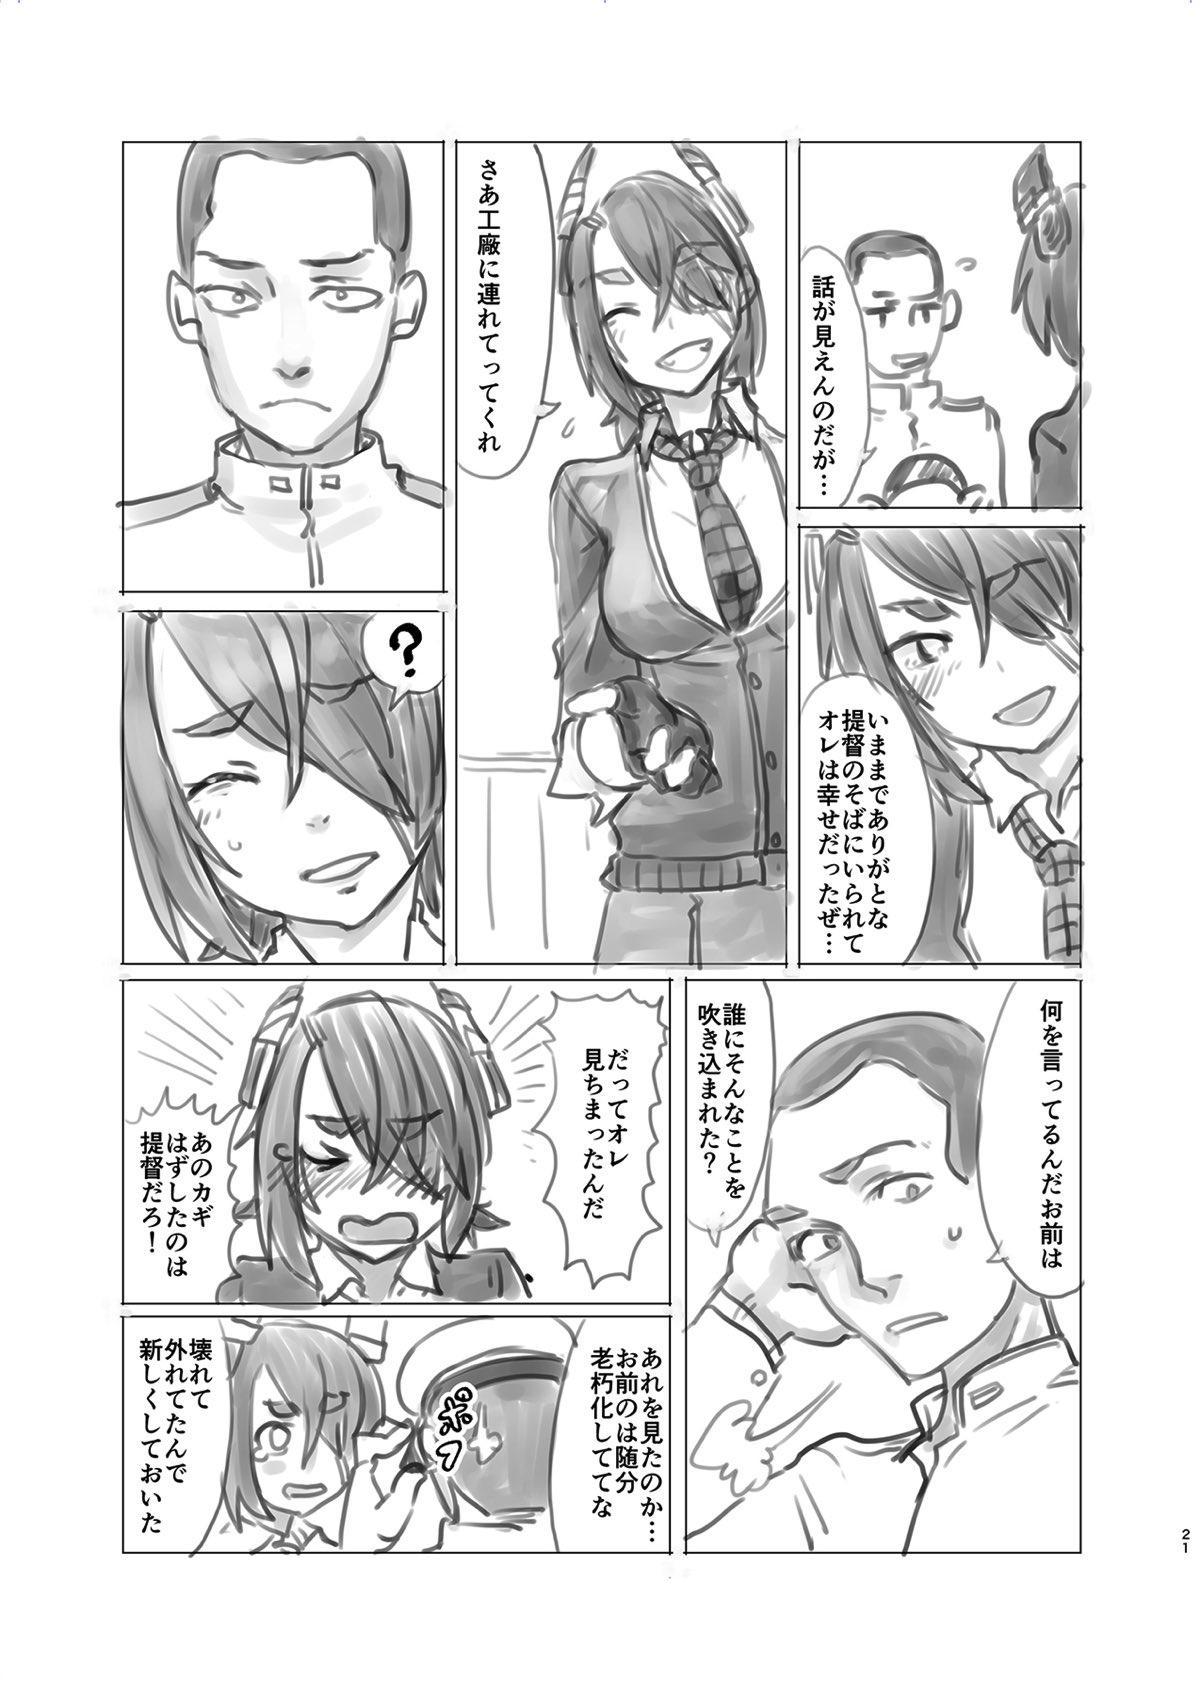 Tenryuu-chan no Momoiro Daisakusen 19